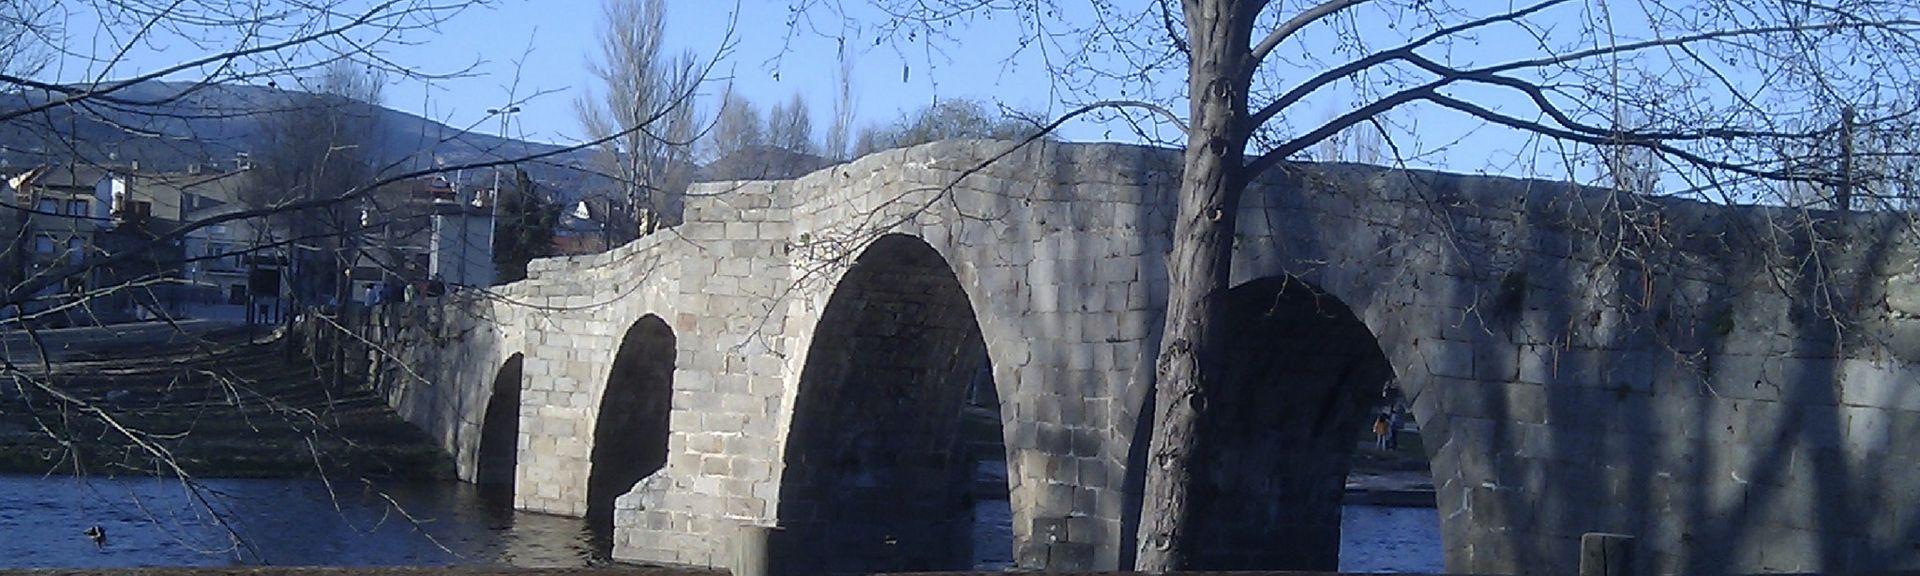 Villanueva de Ávila, Ávila, Spain